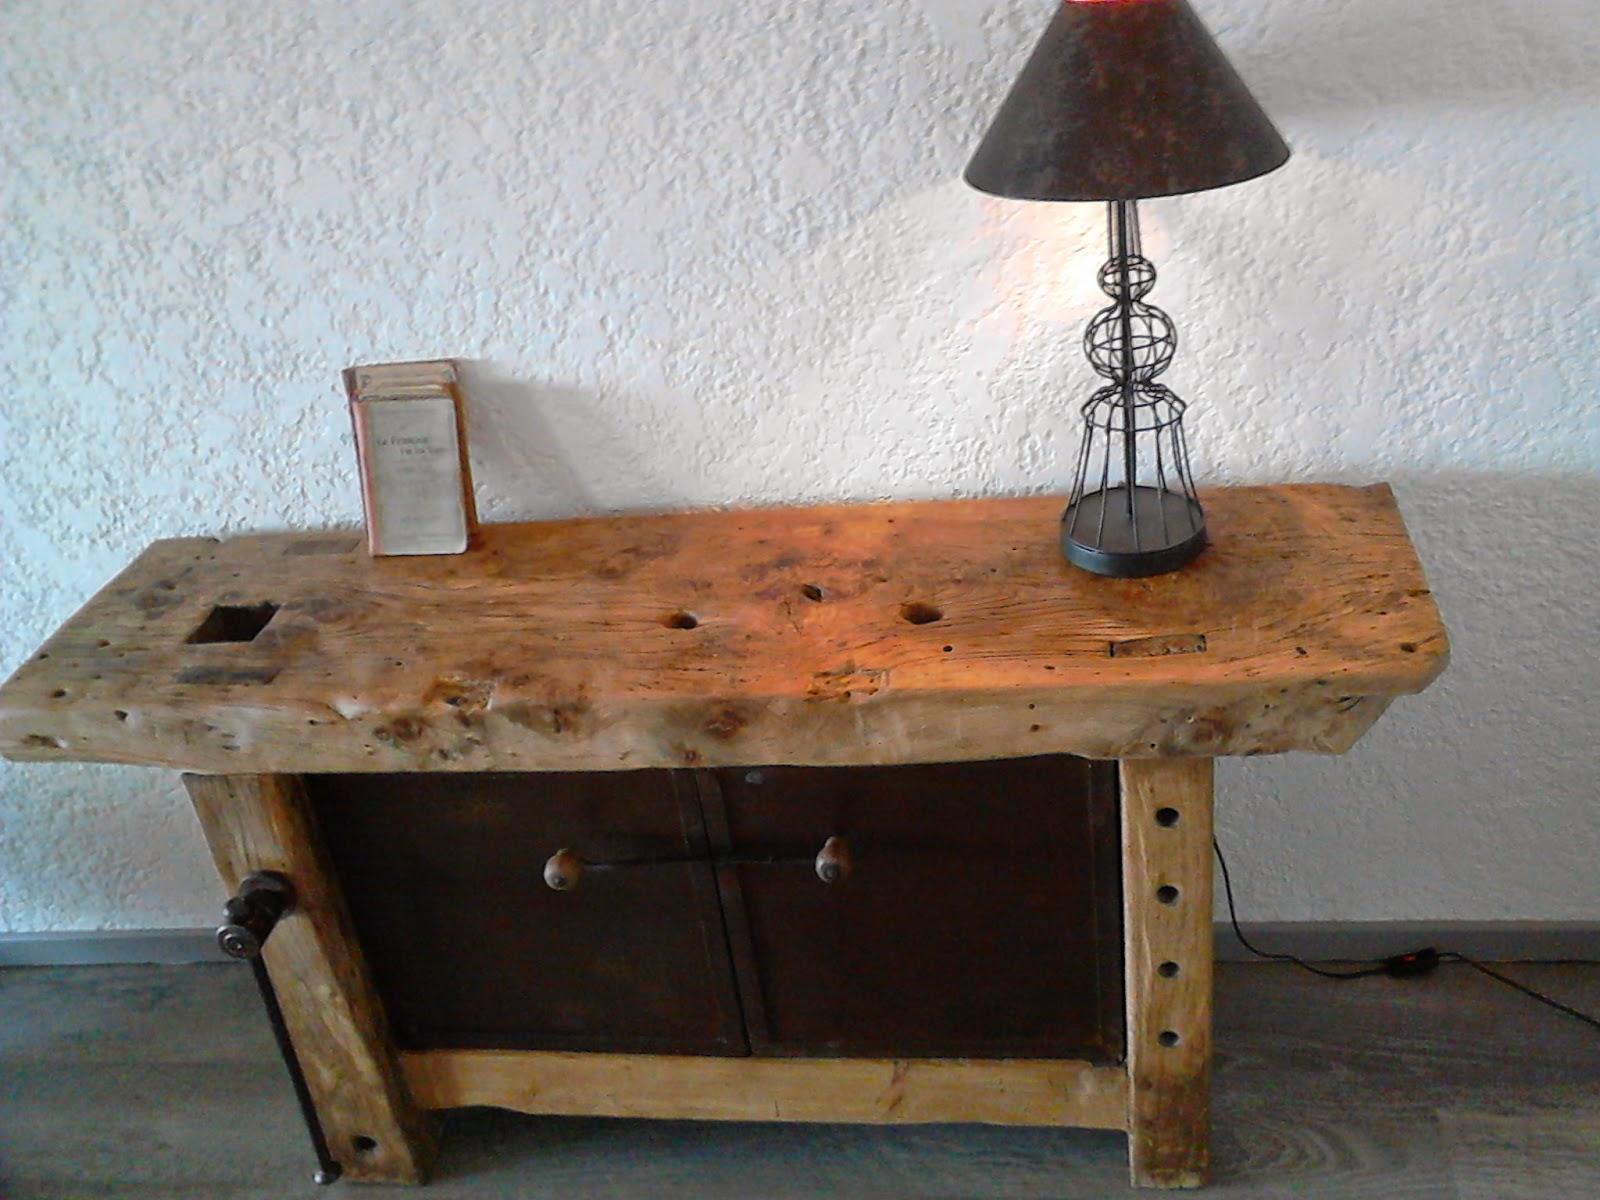 meubles et objets de d coration style industriel etabli de menuisier style industriel vendu. Black Bedroom Furniture Sets. Home Design Ideas